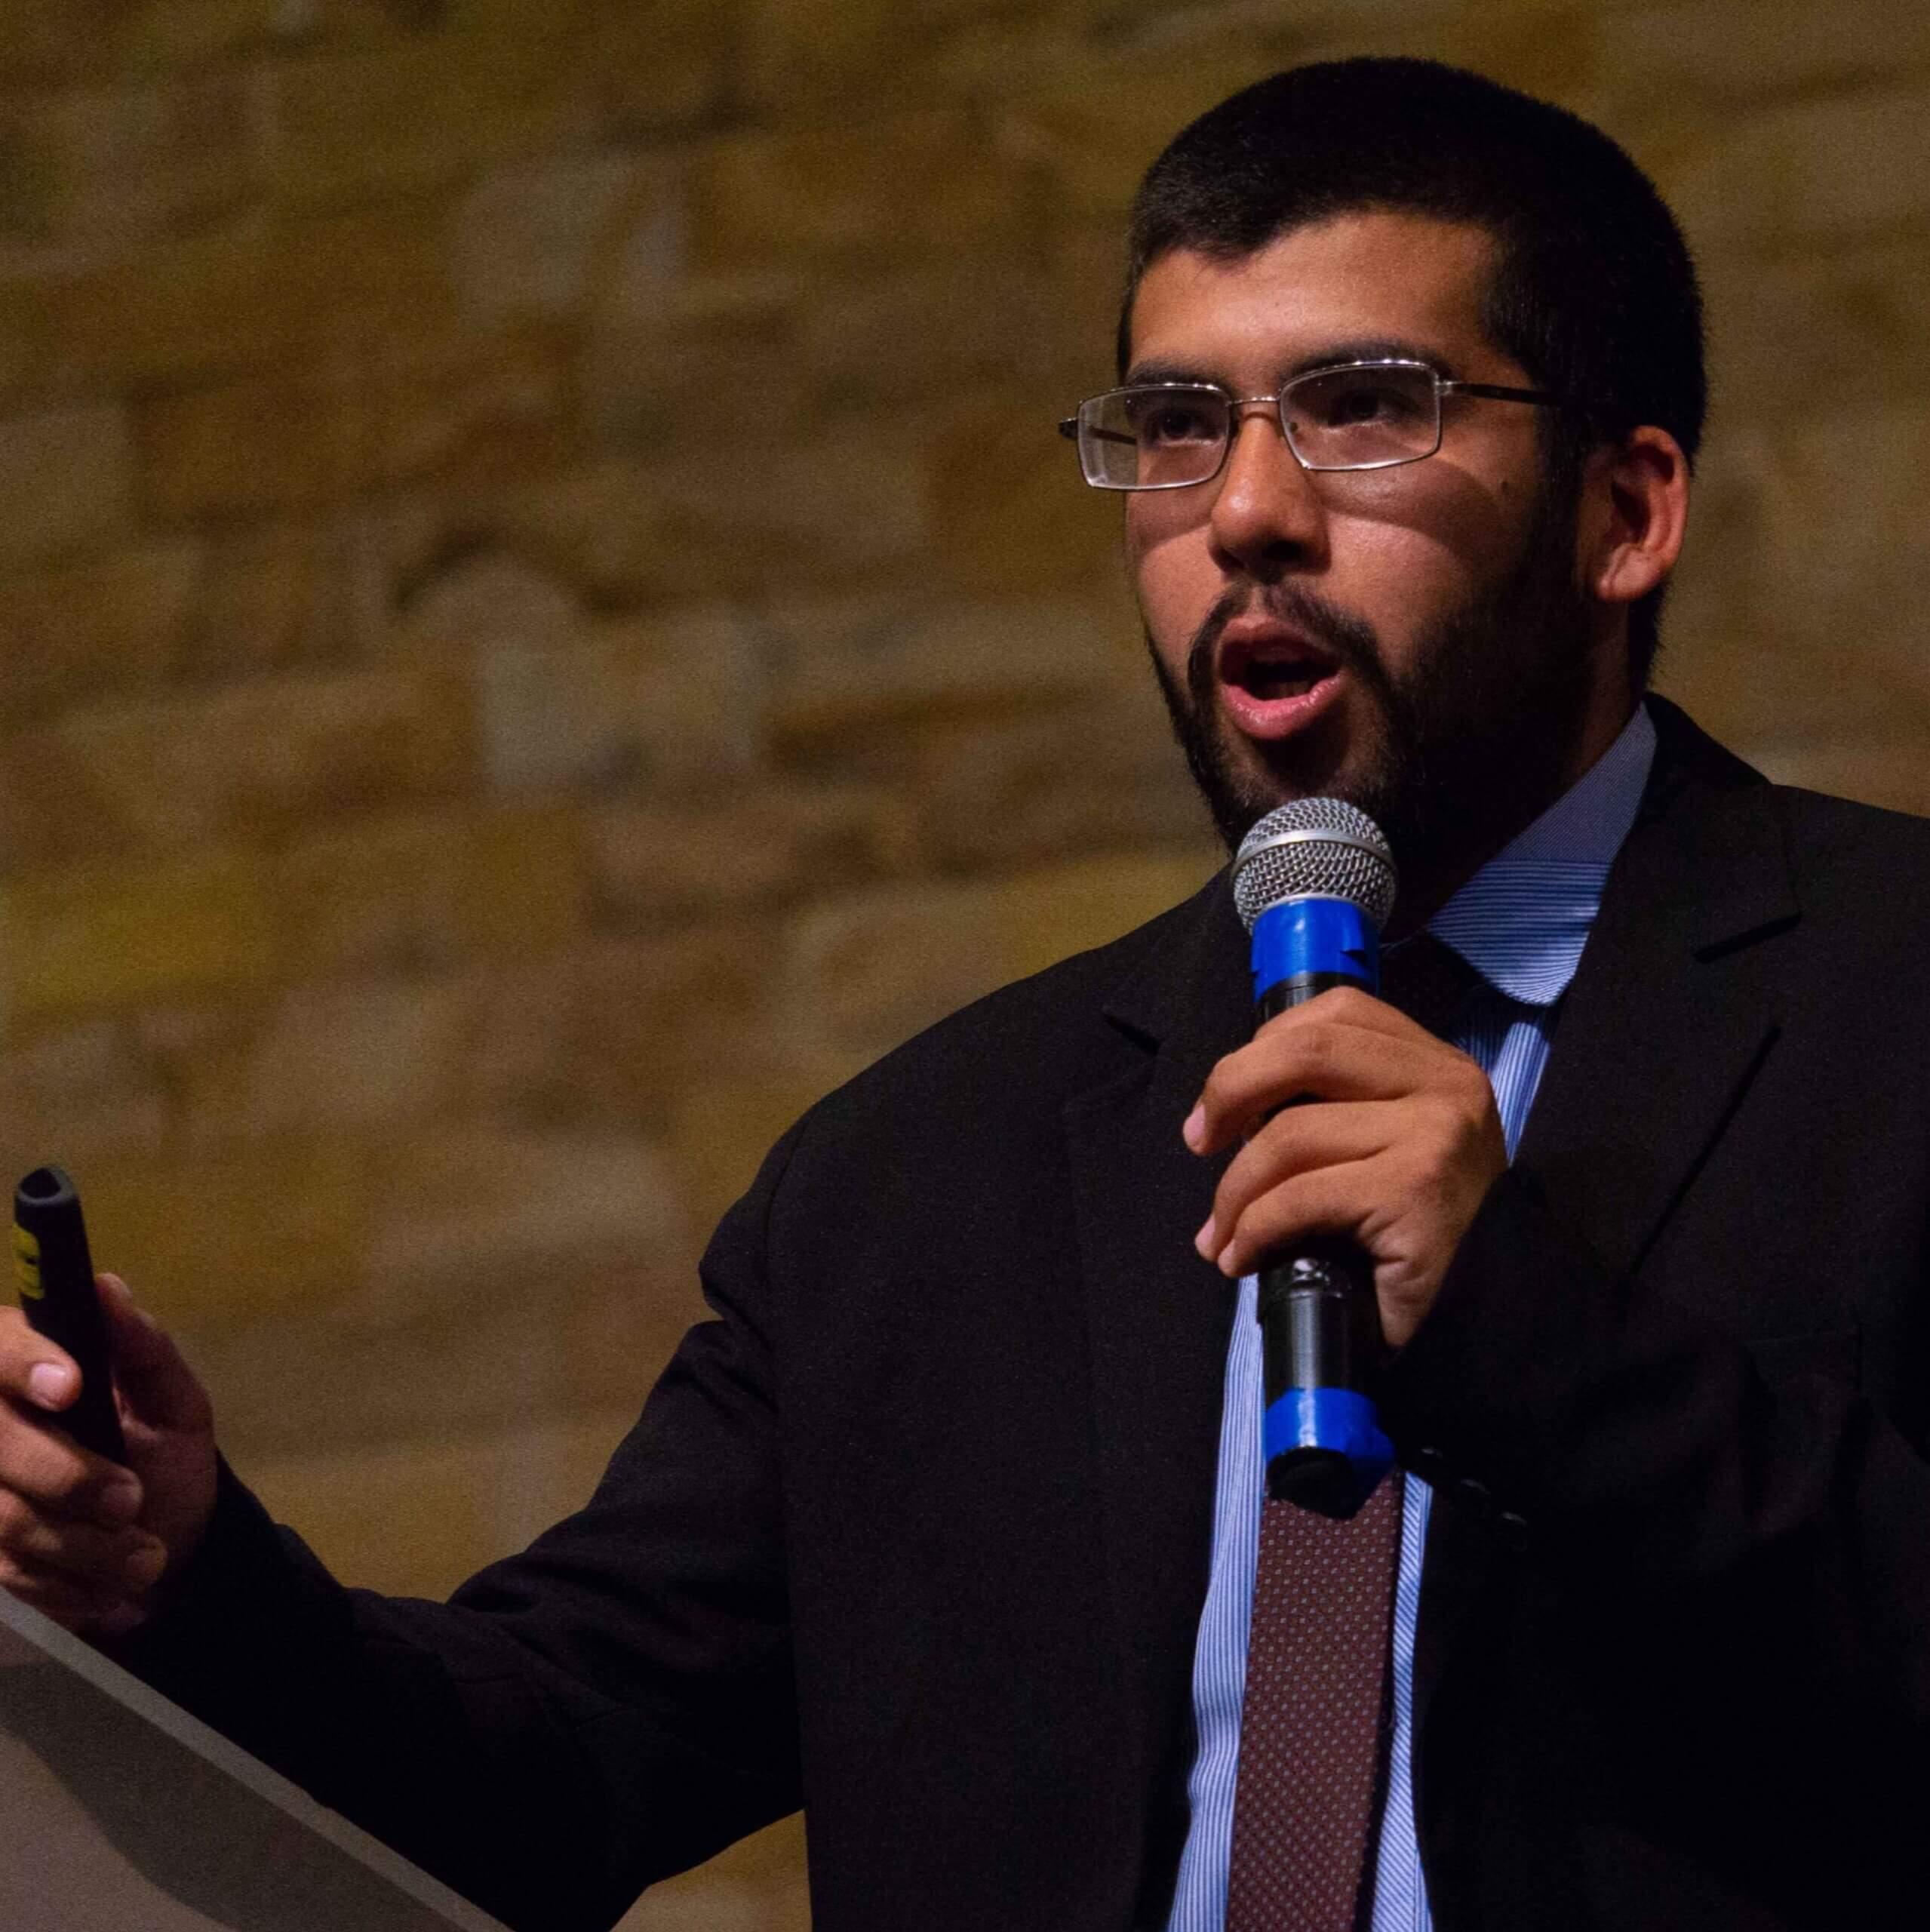 Isaías Rubén Silva